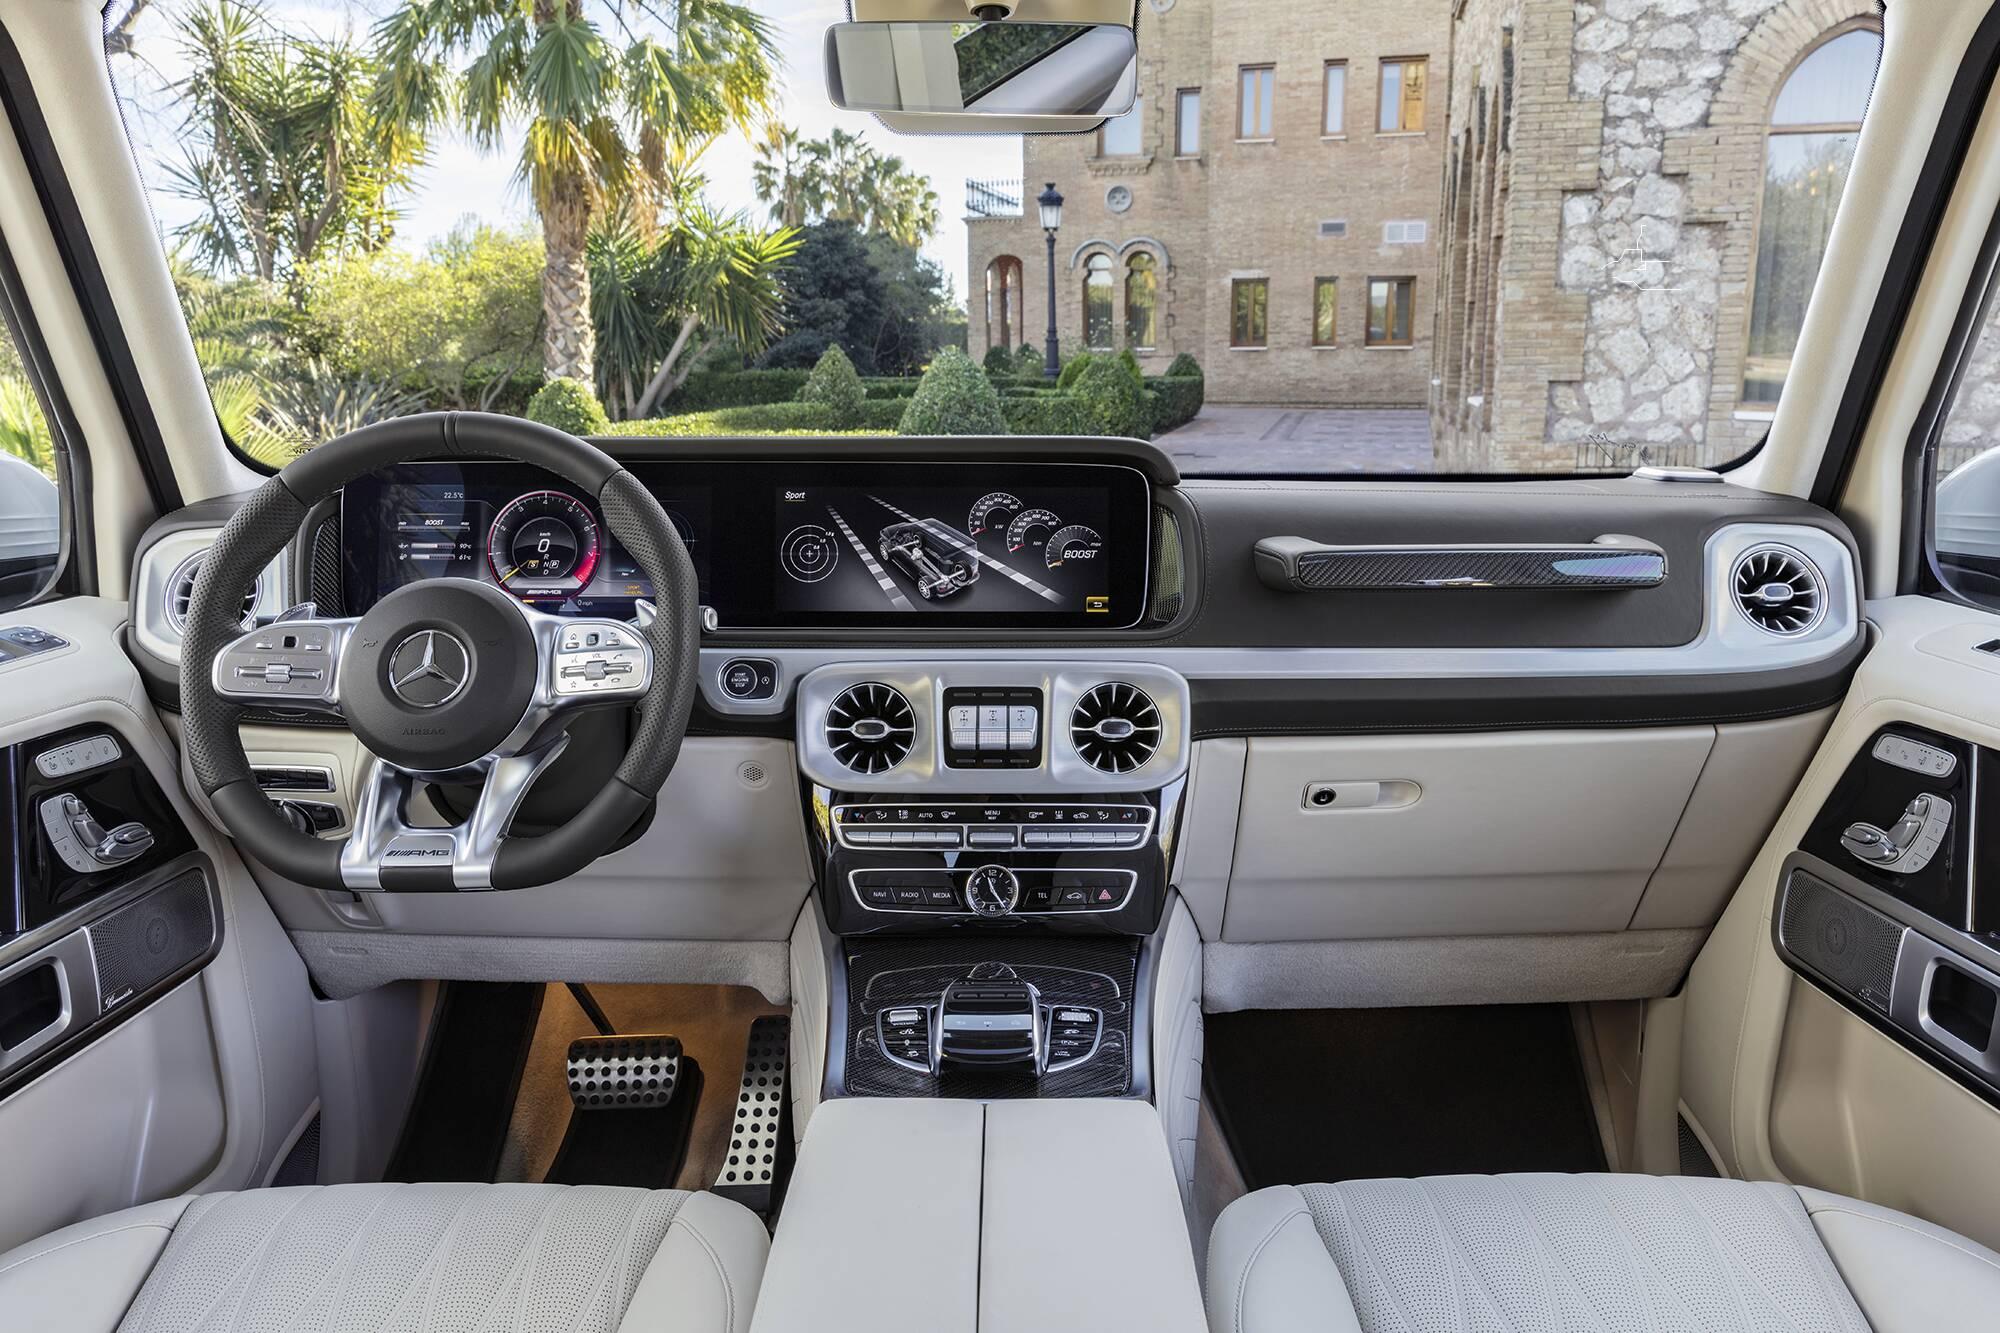 Mercedes - Benz Classe G63 AMG. Foto: Divulgação